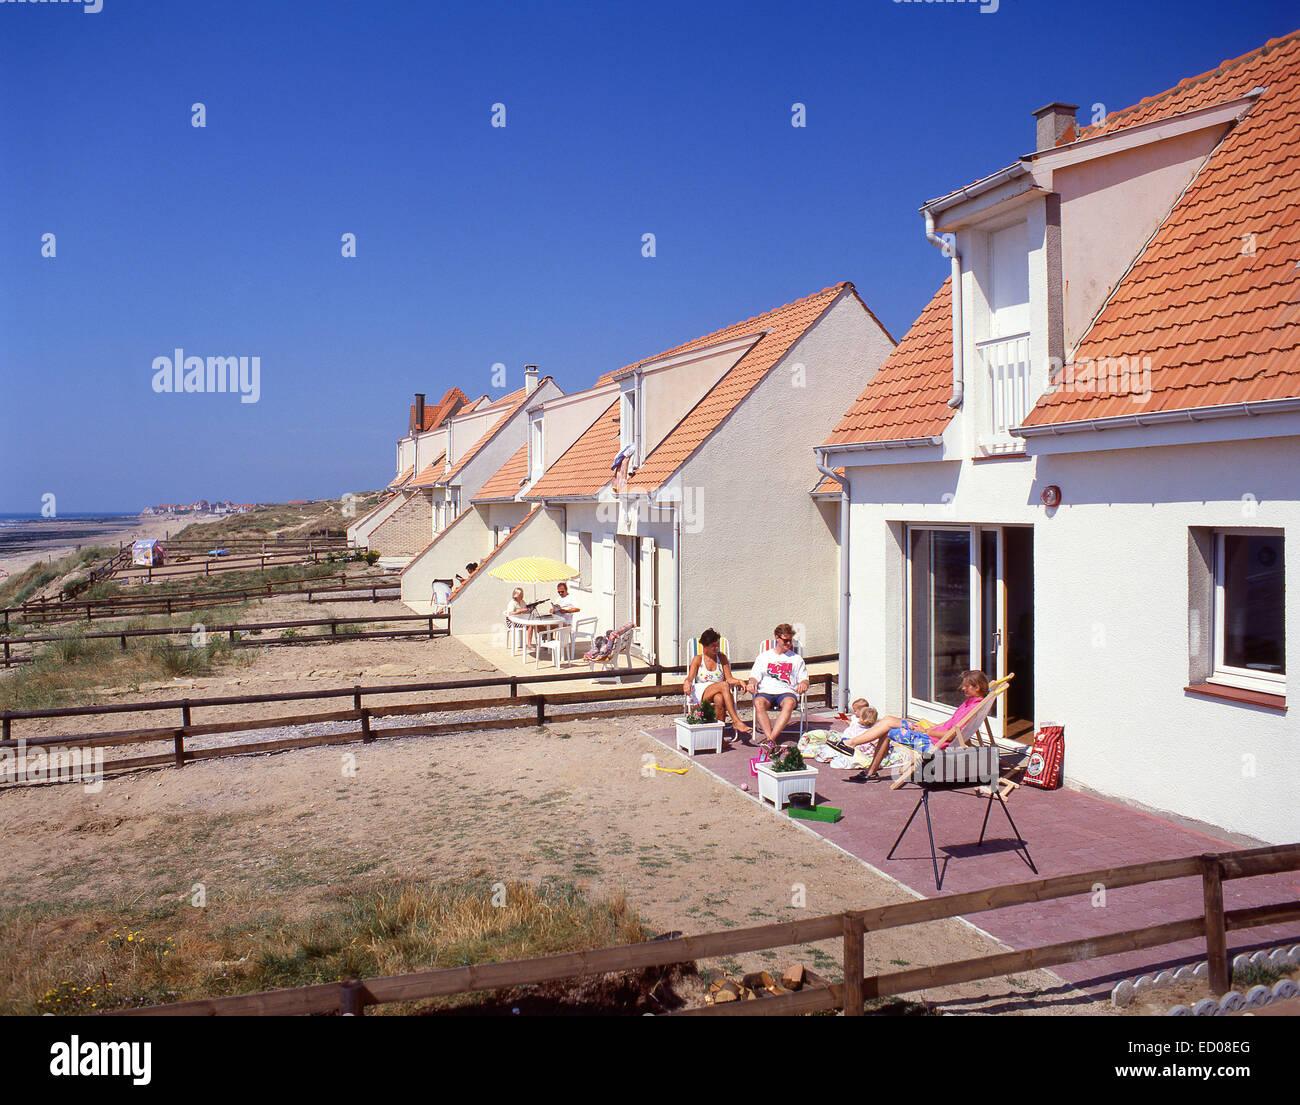 British family on holiday at beach house, Nord-Pas de Calais, Pas de Calais, France - Stock Image